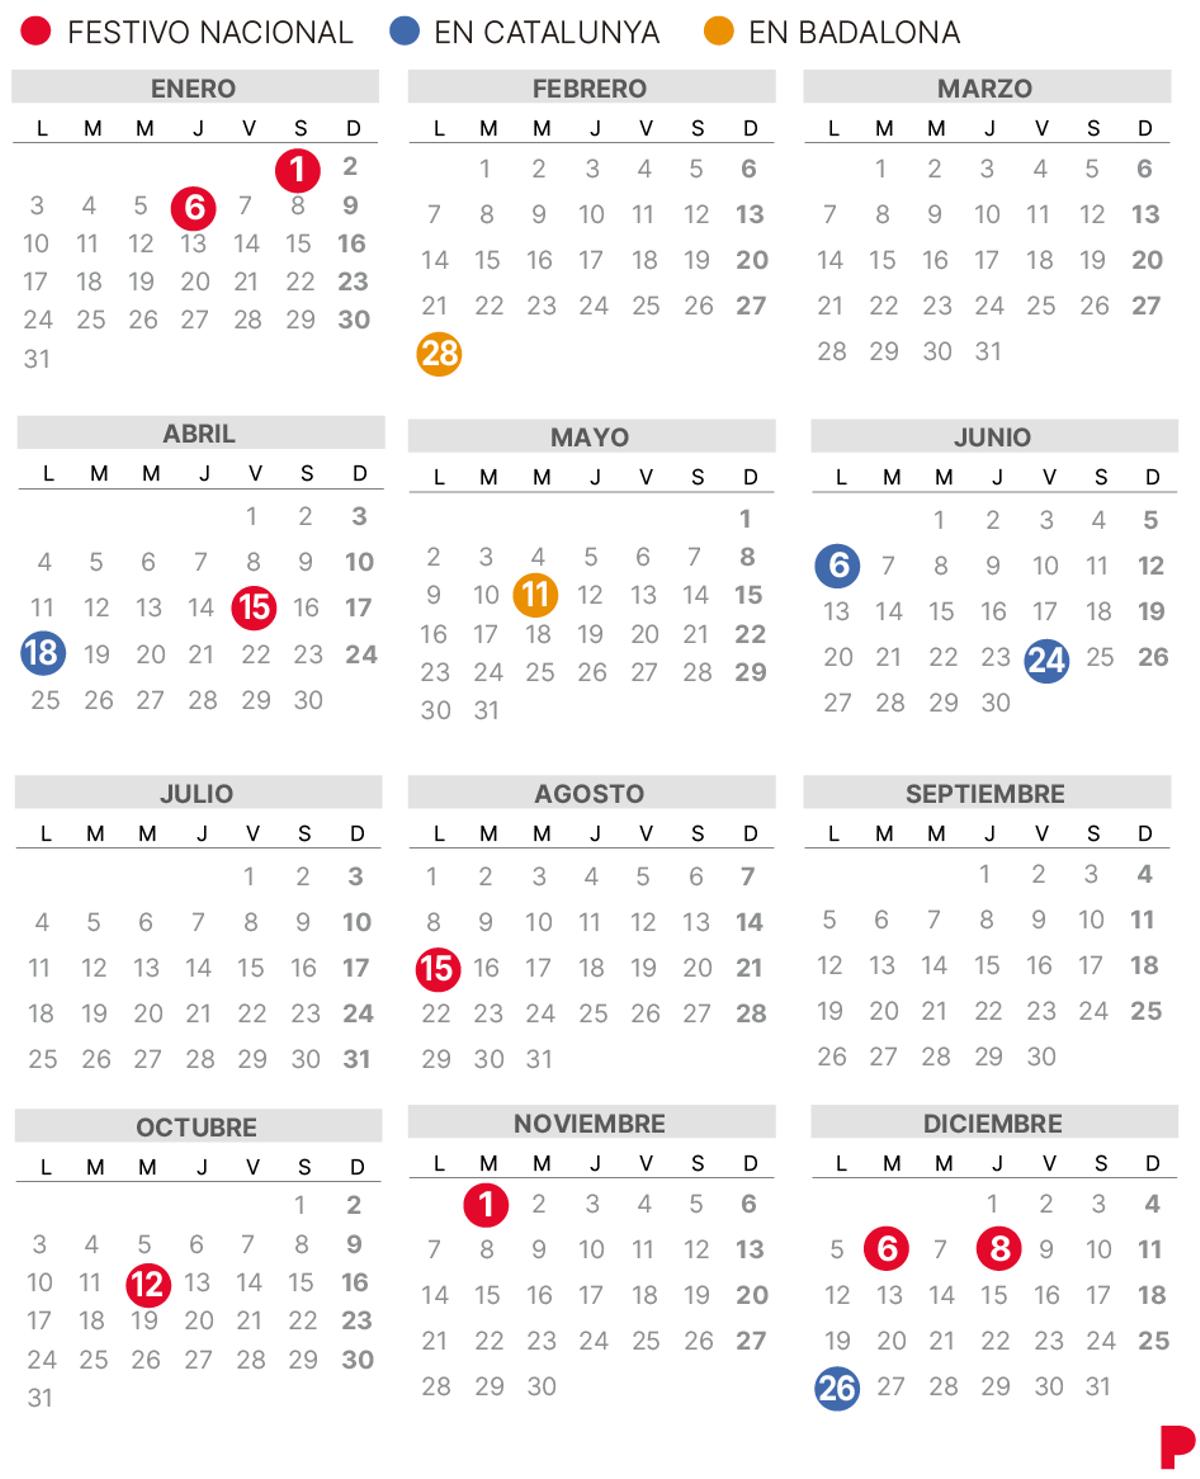 Calendario laboral de Badalona 2022.